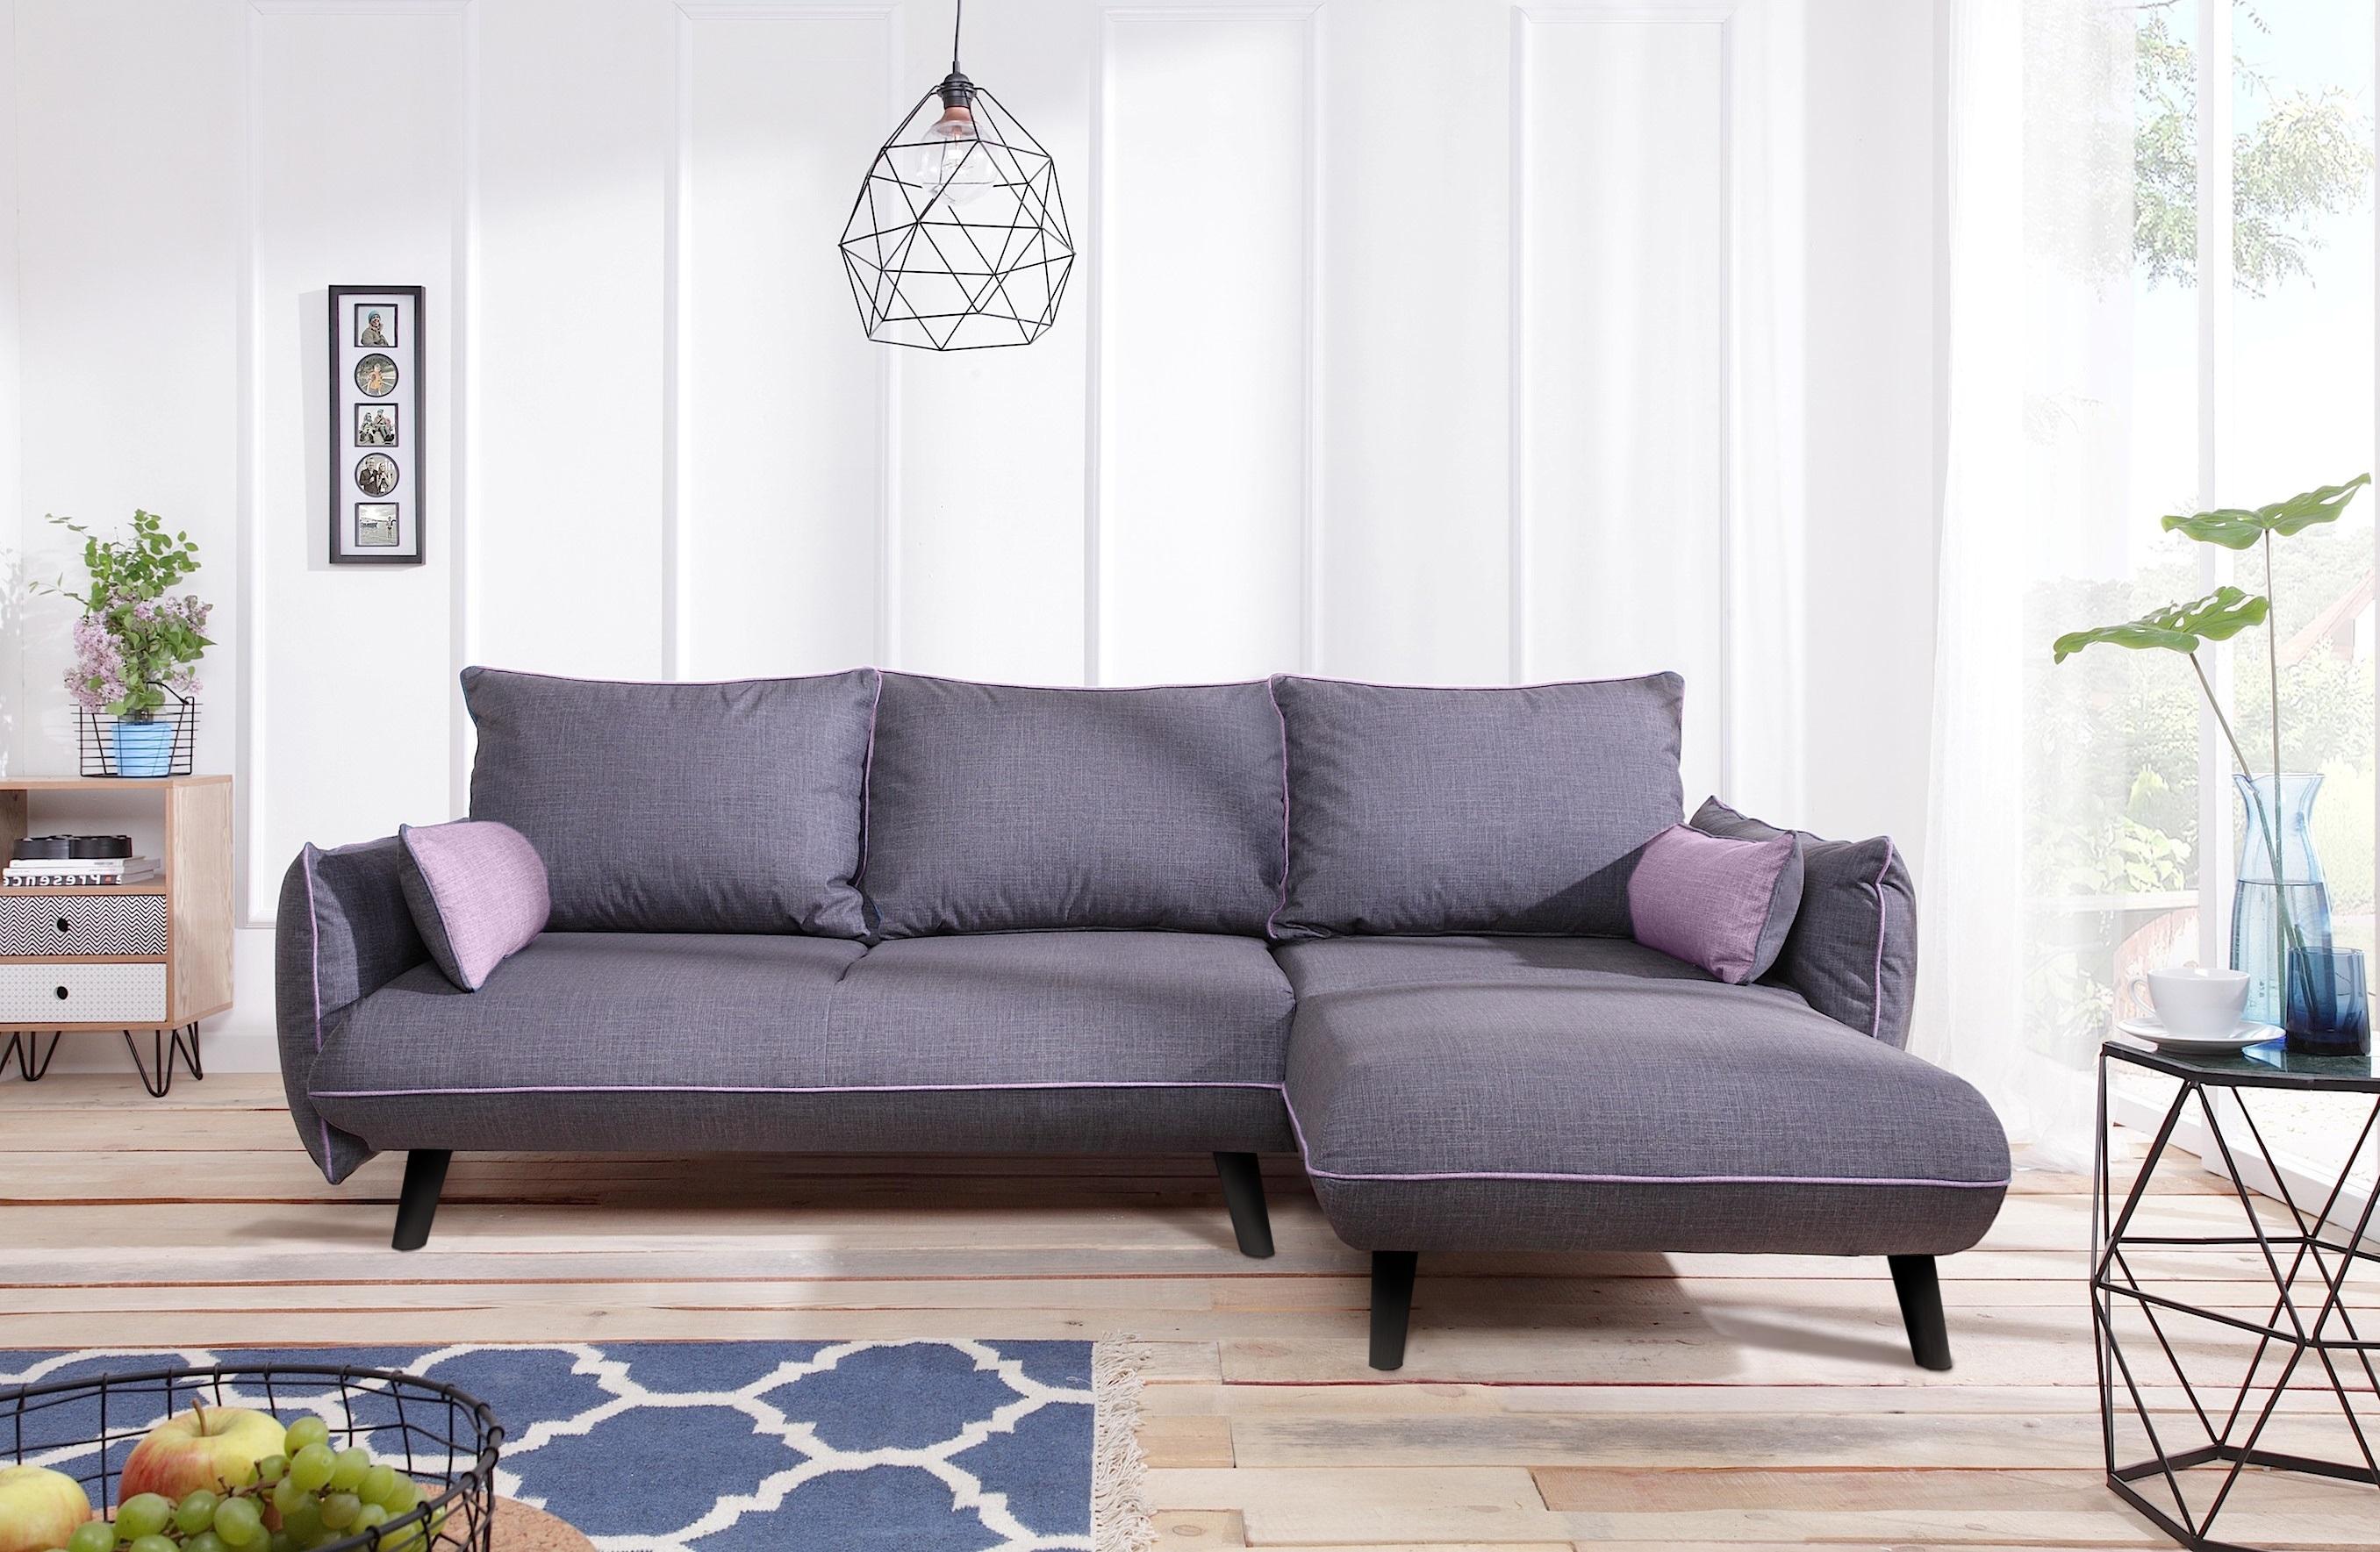 bobochic canap milano 4 places angle droit convertible gris fonc avec passpoil rose. Black Bedroom Furniture Sets. Home Design Ideas